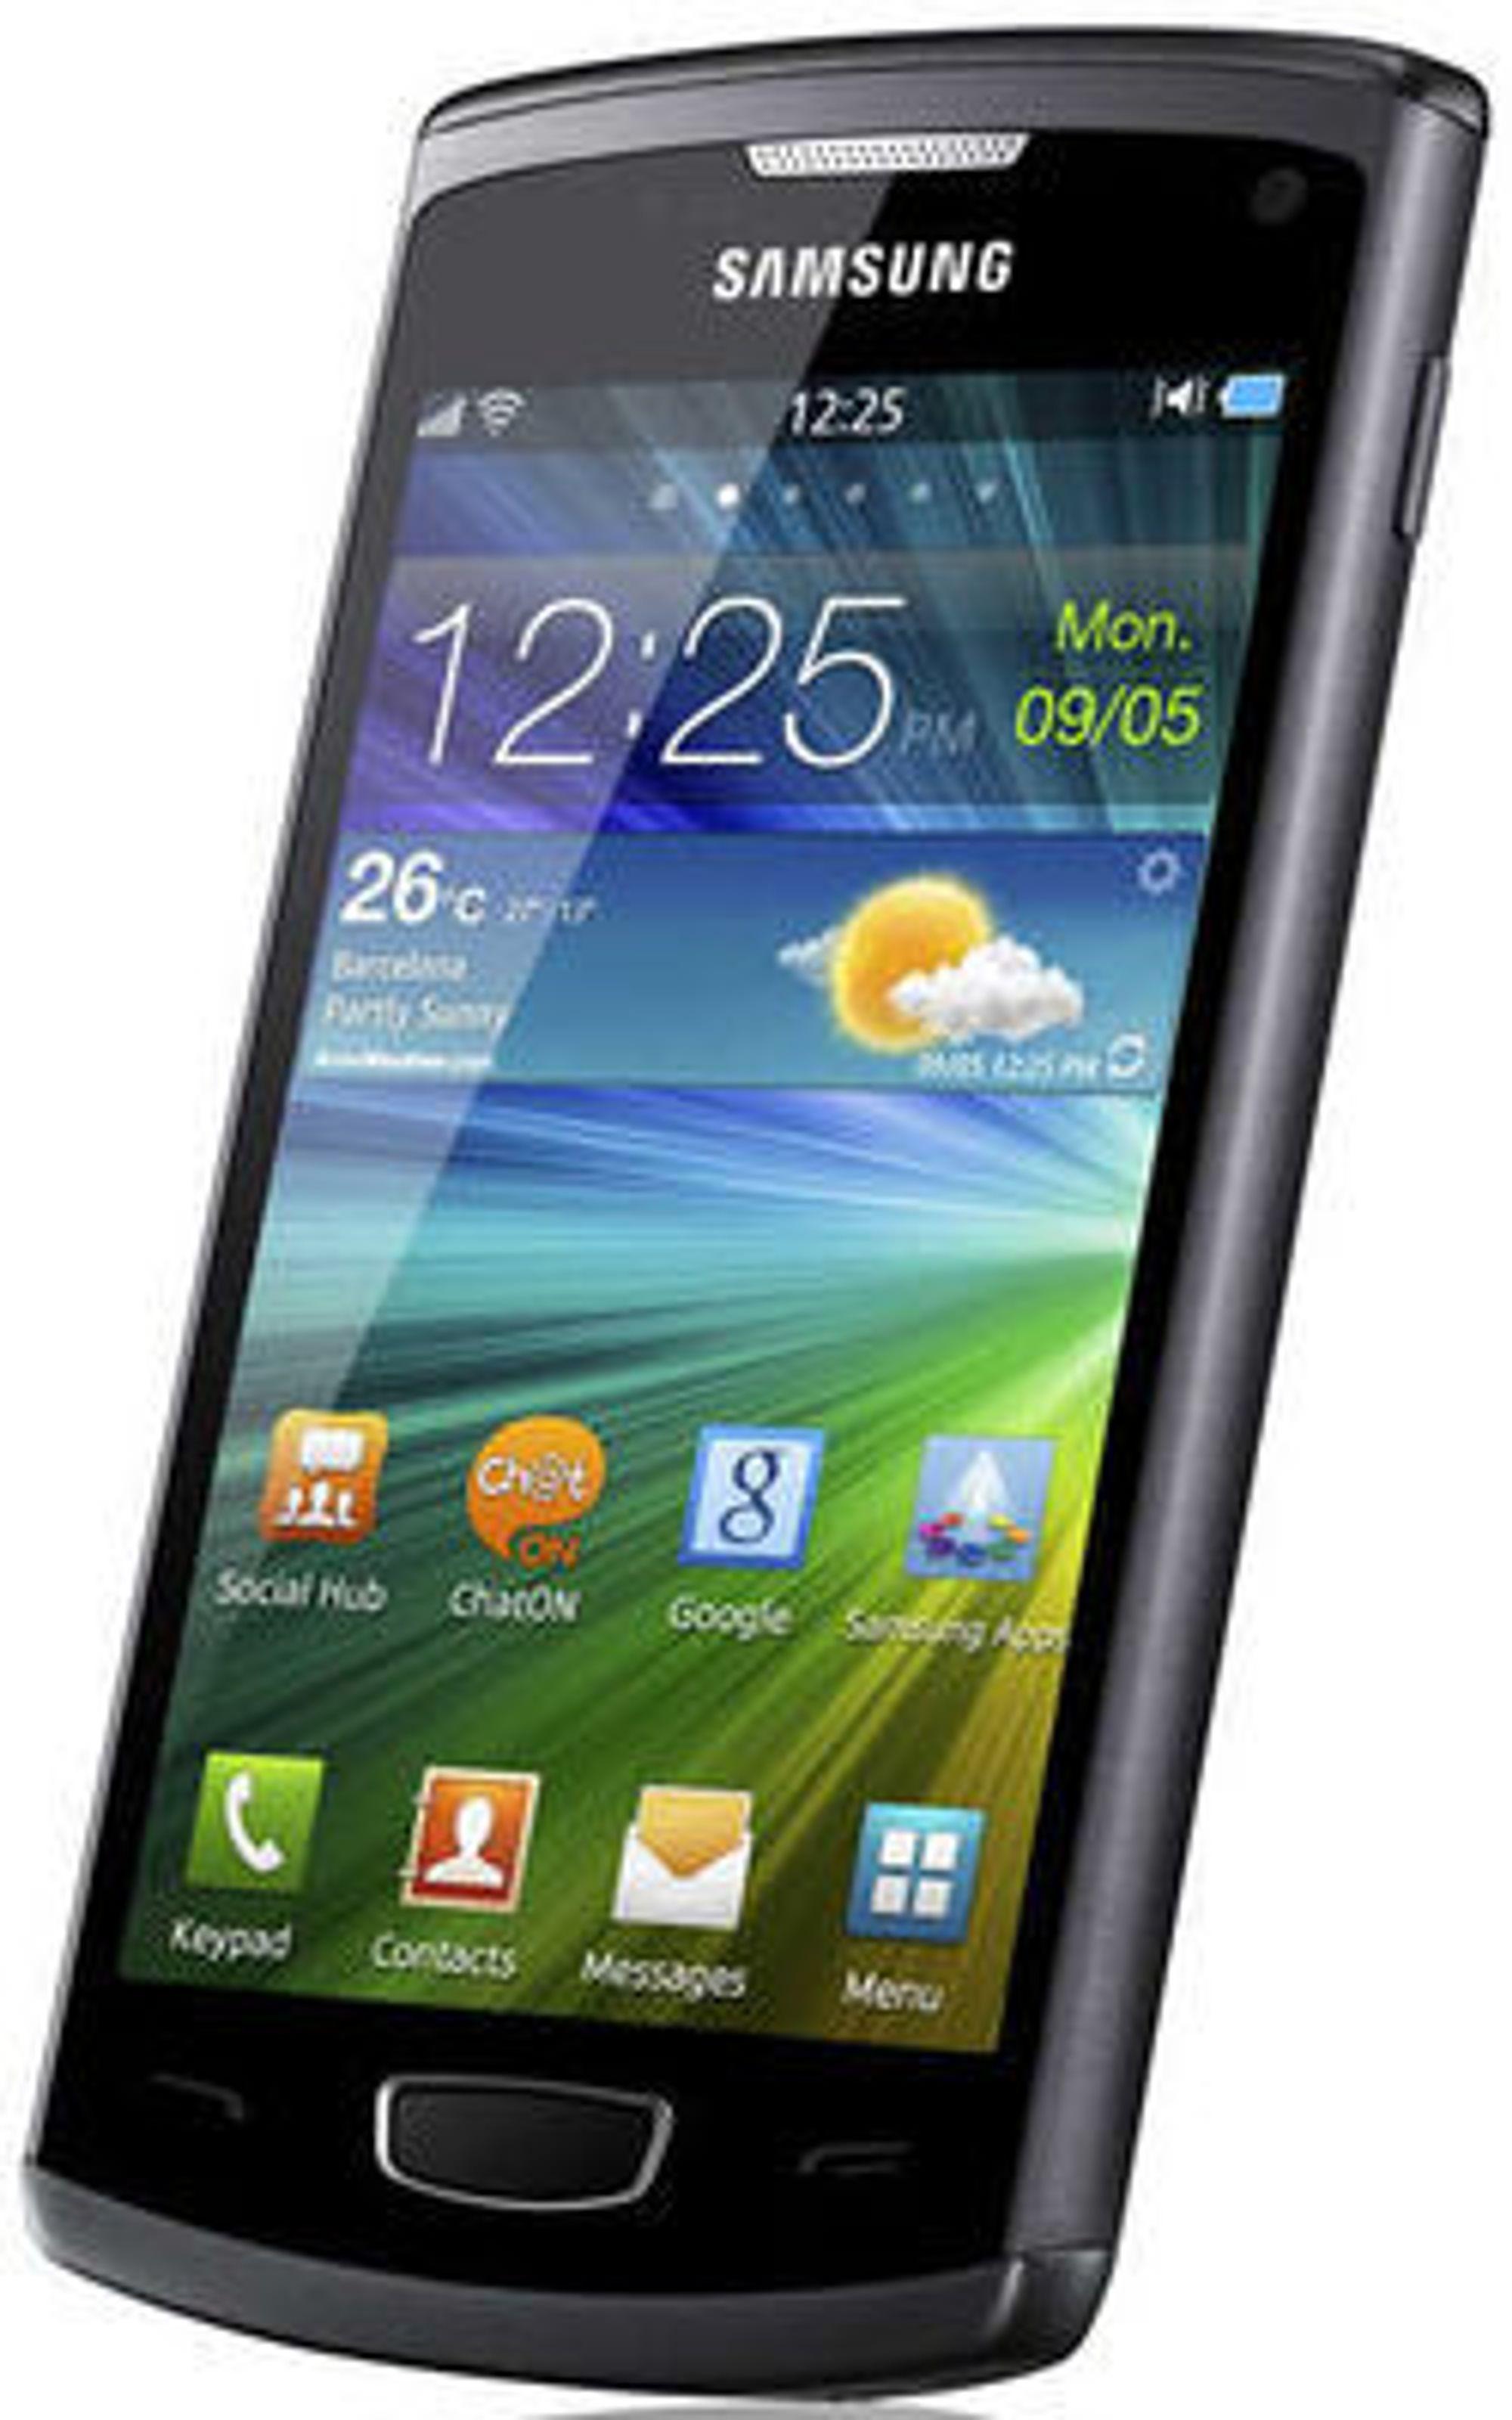 Smartmobilen Samsung Wave 3 er basert på Bada 2.0.